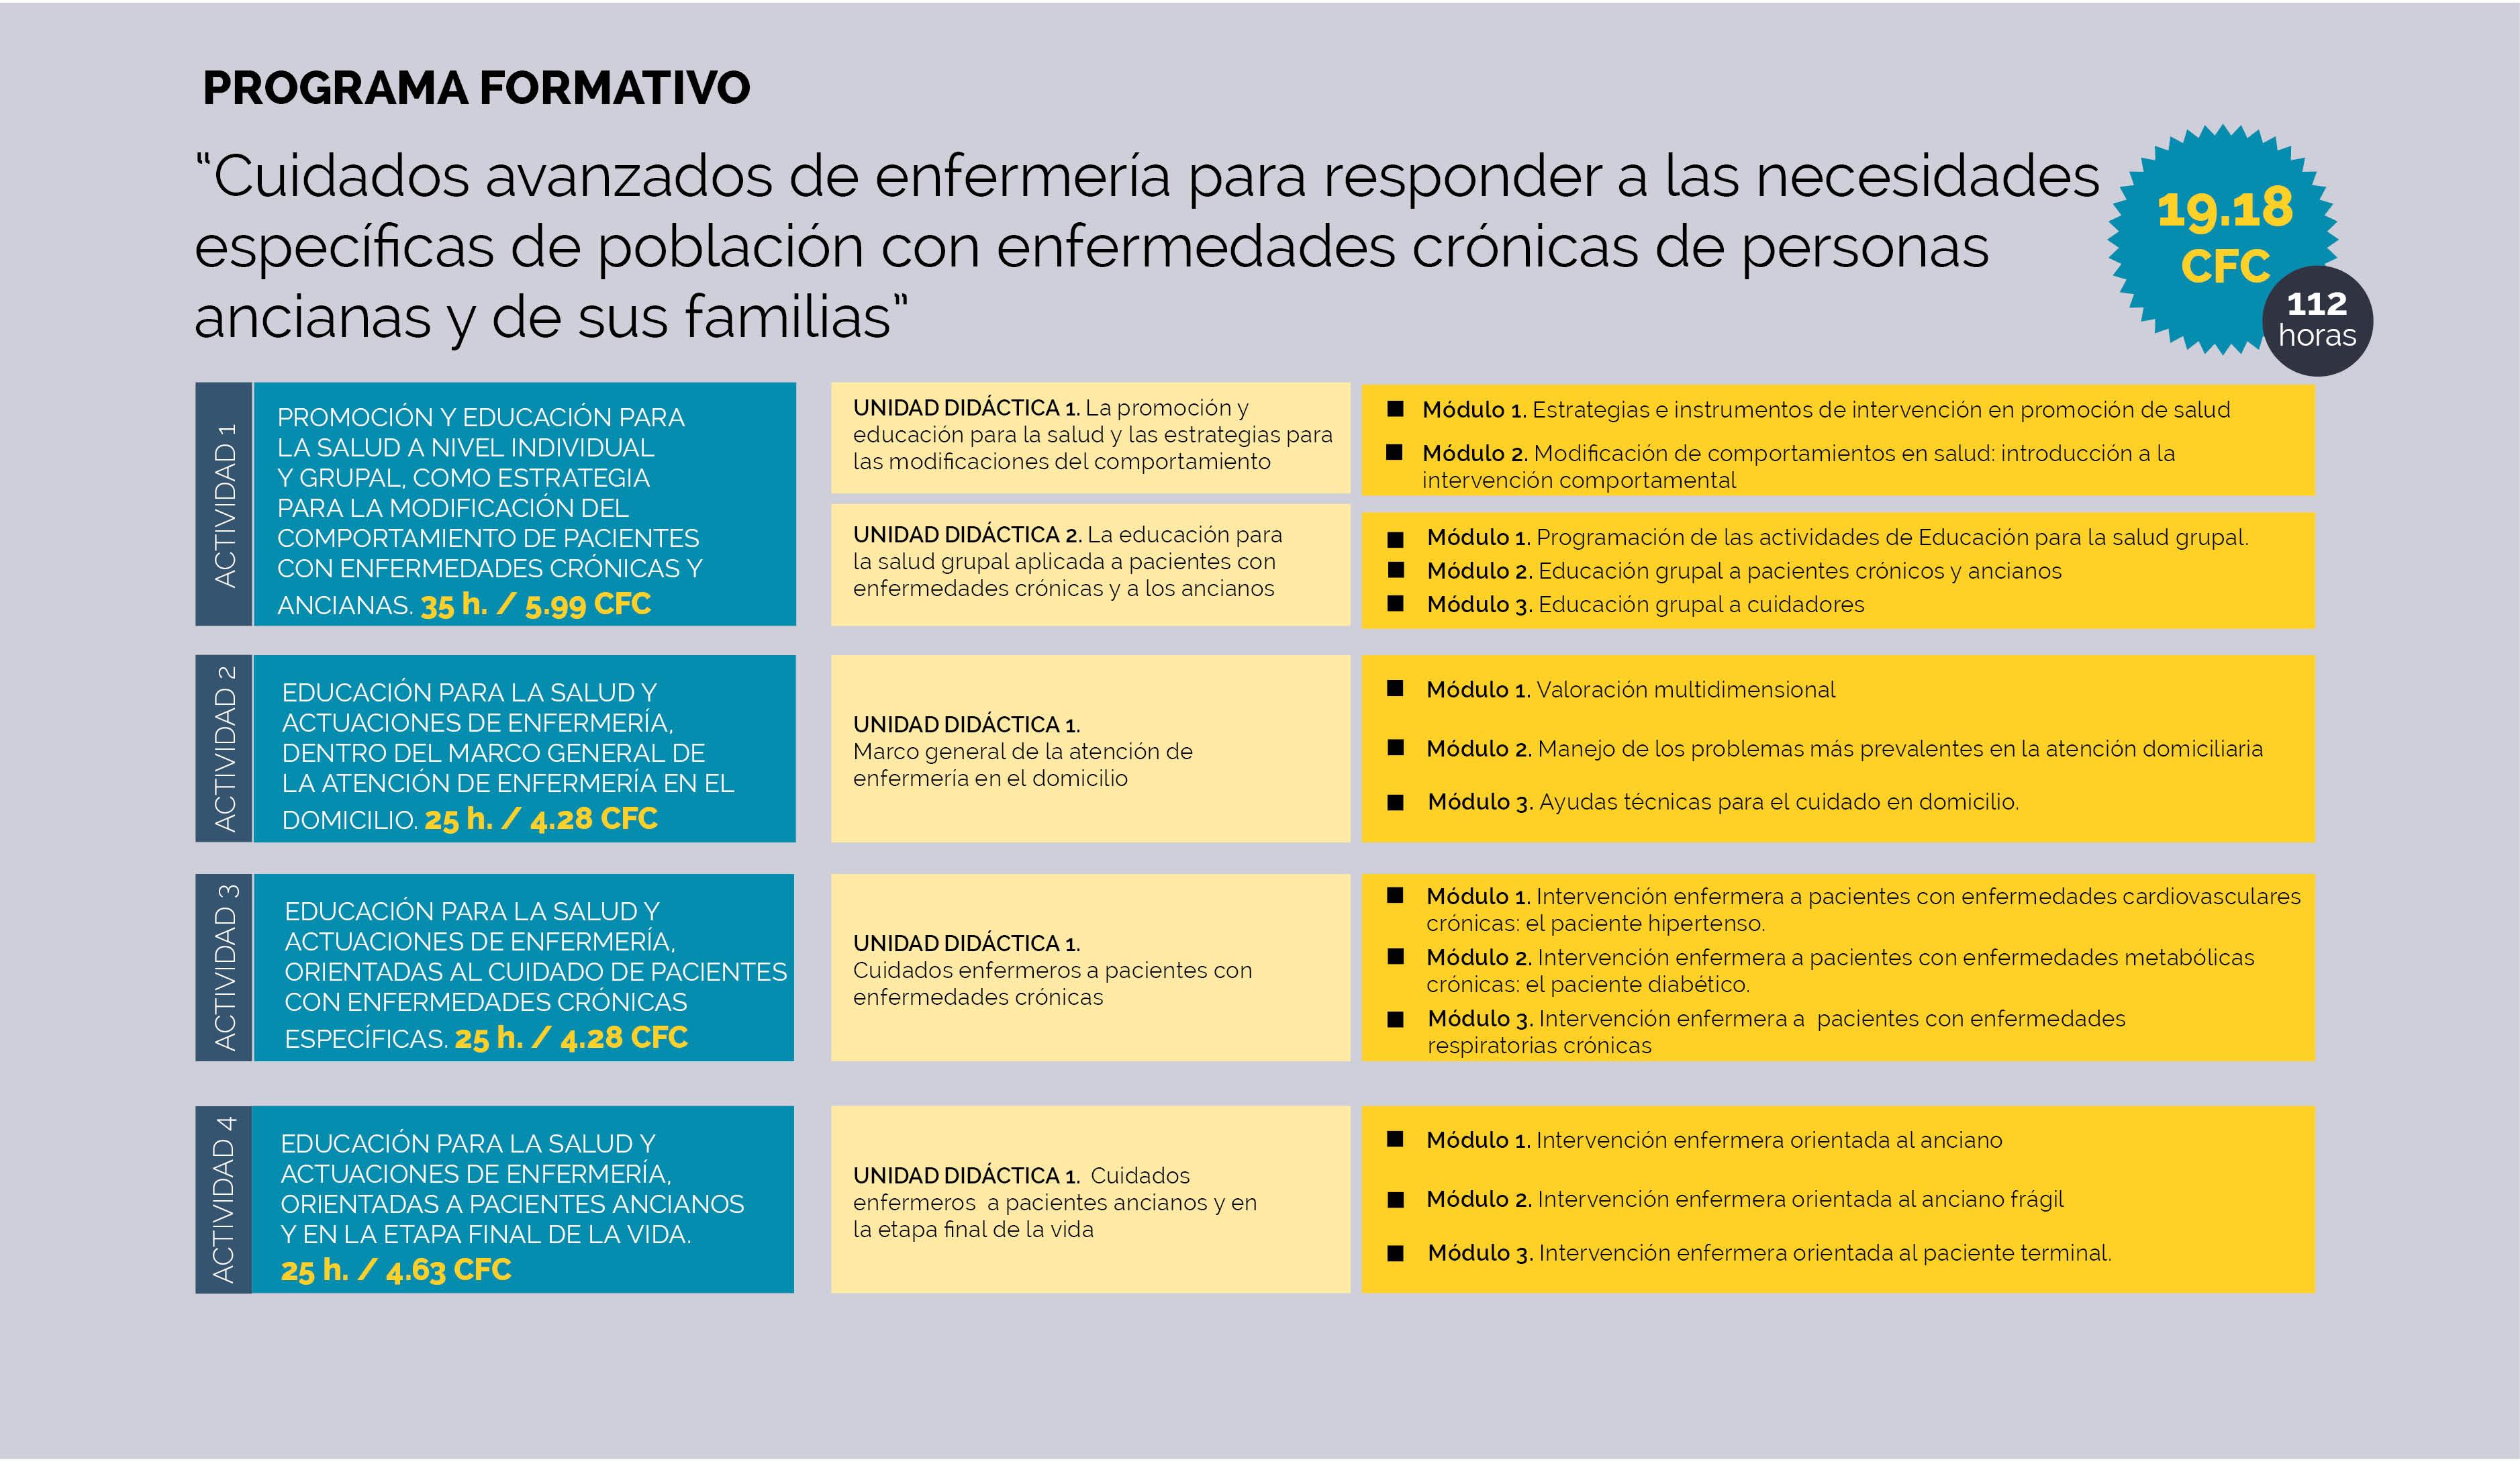 19/20 Programa ACSA. Cuidados avanzados de enfermería para responder a las necesidades específicas de población con enfermedades crónicas, de personas ancianas y de sus familias